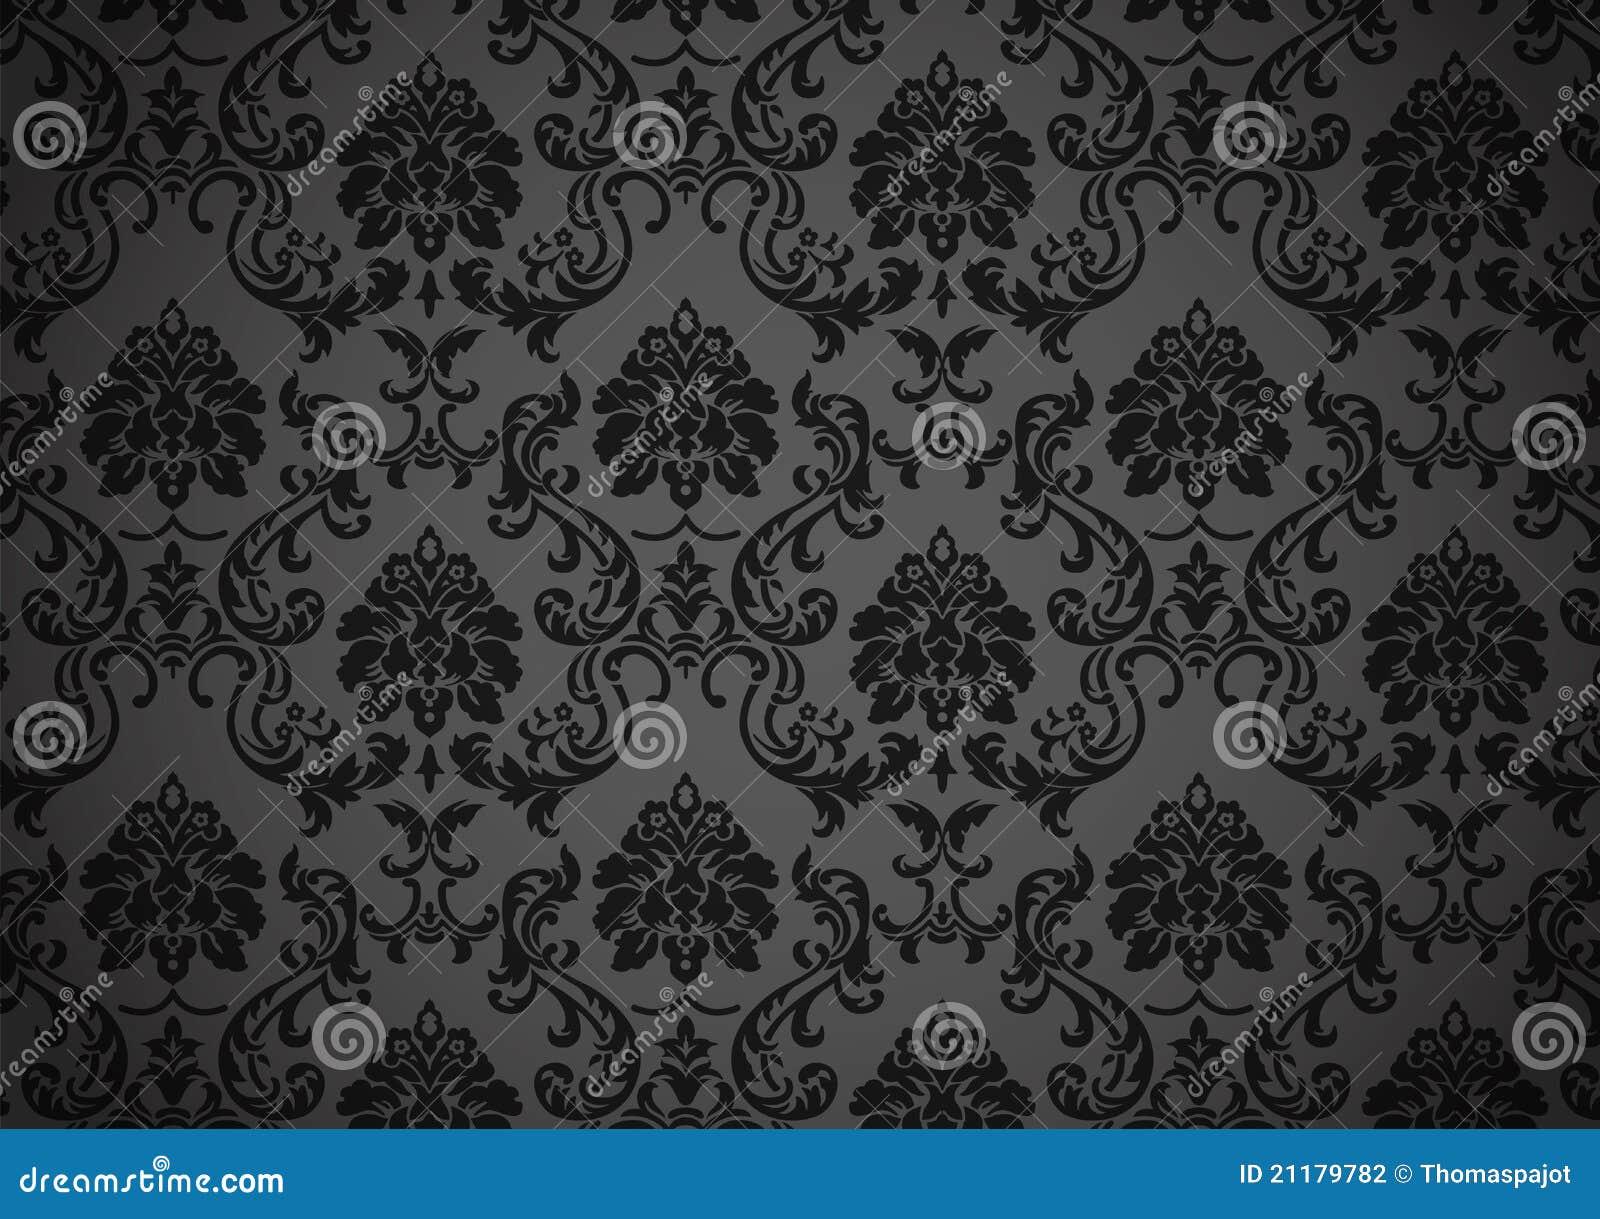 Exceptional Papier Peint Baroque #1: Papier-peint-baroque-fonc-21179782.jpg